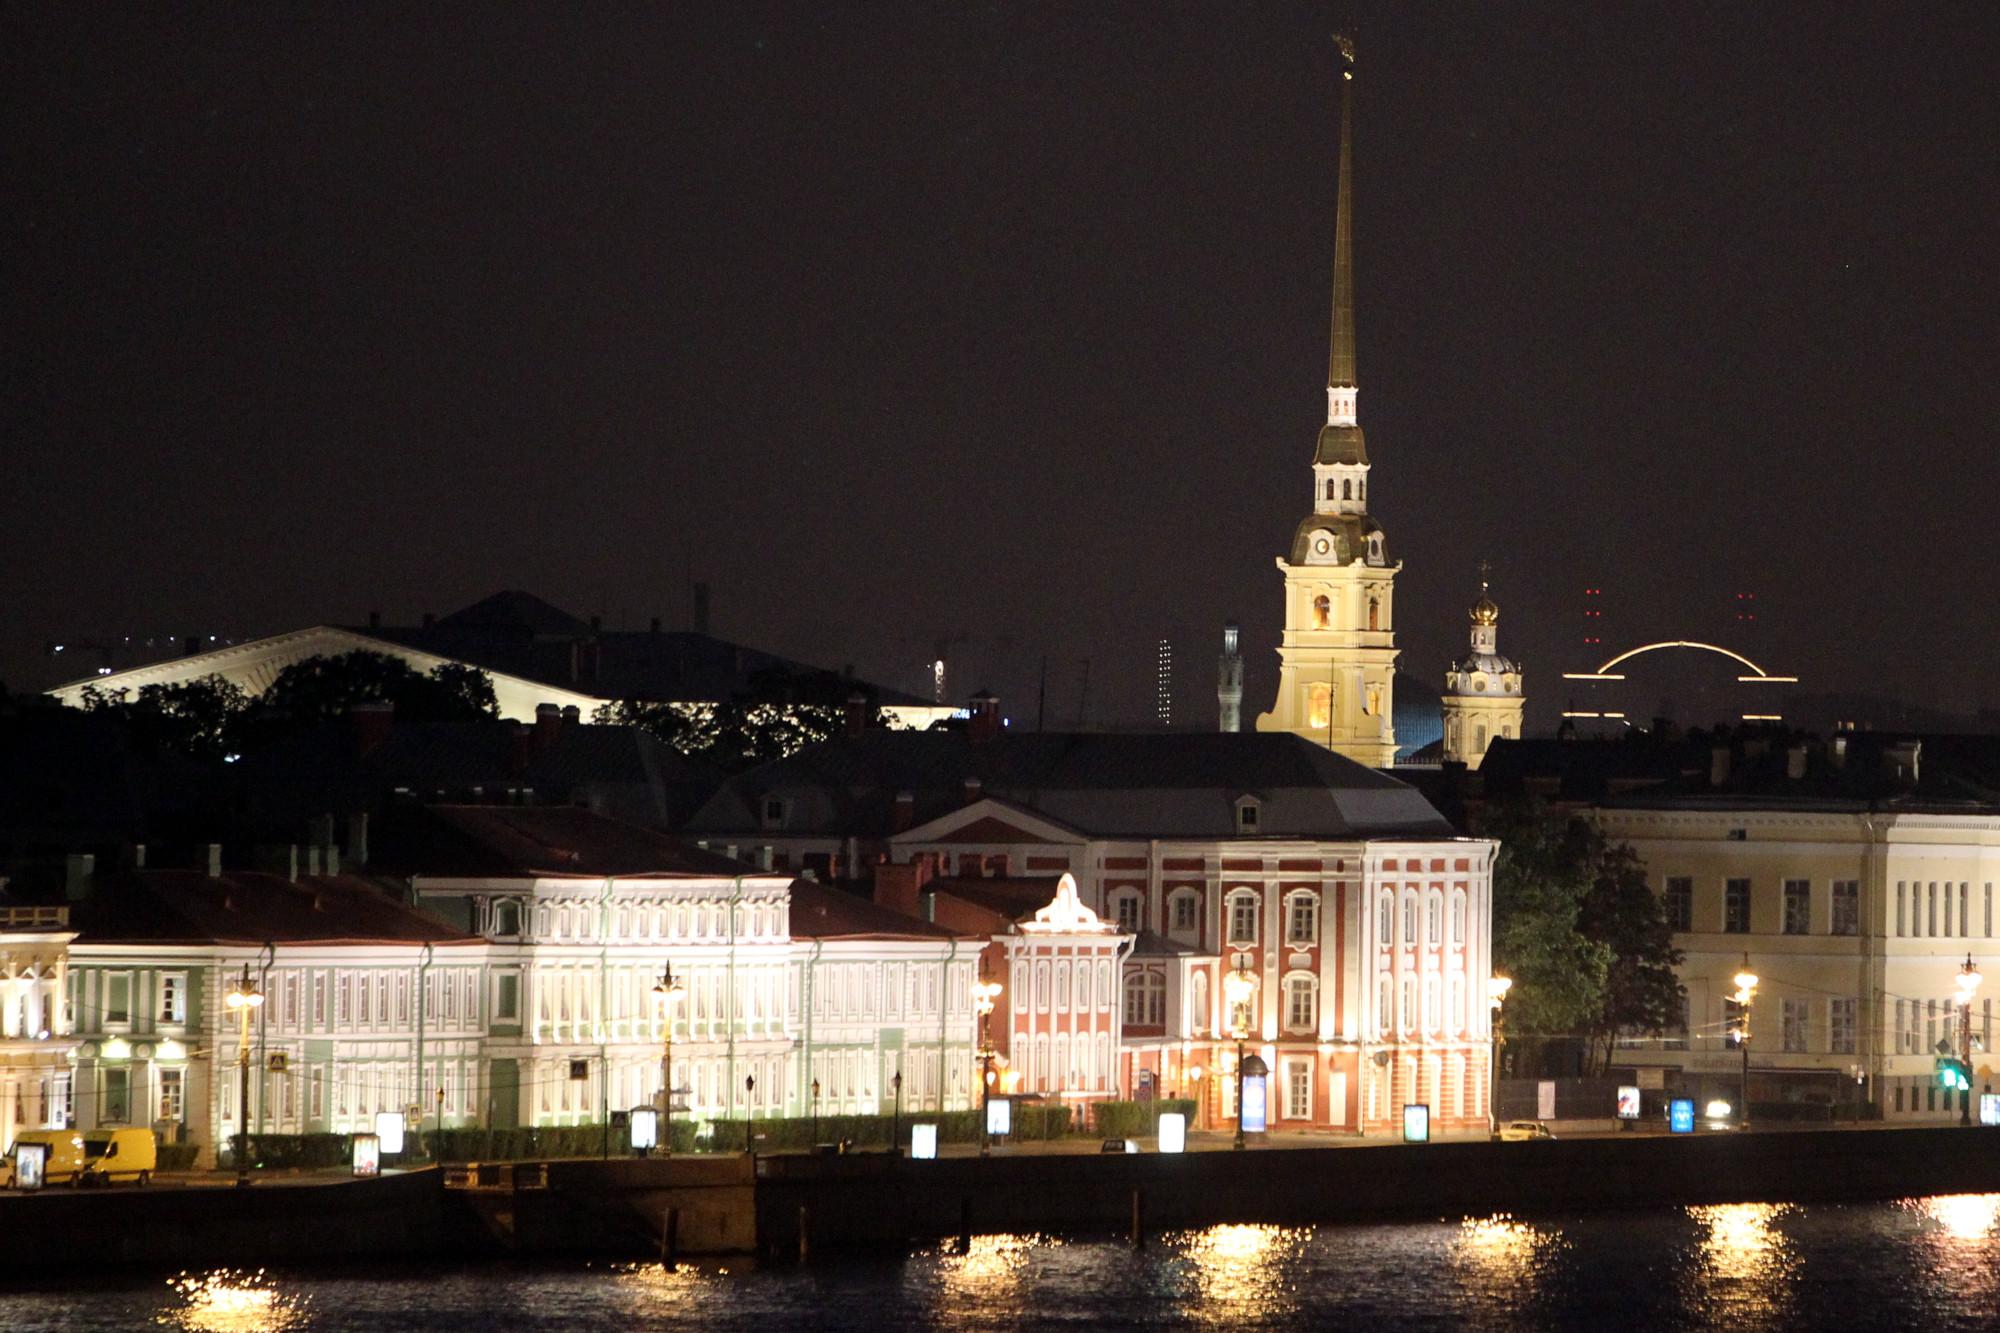 Университетская набережная Петропавловская крепость